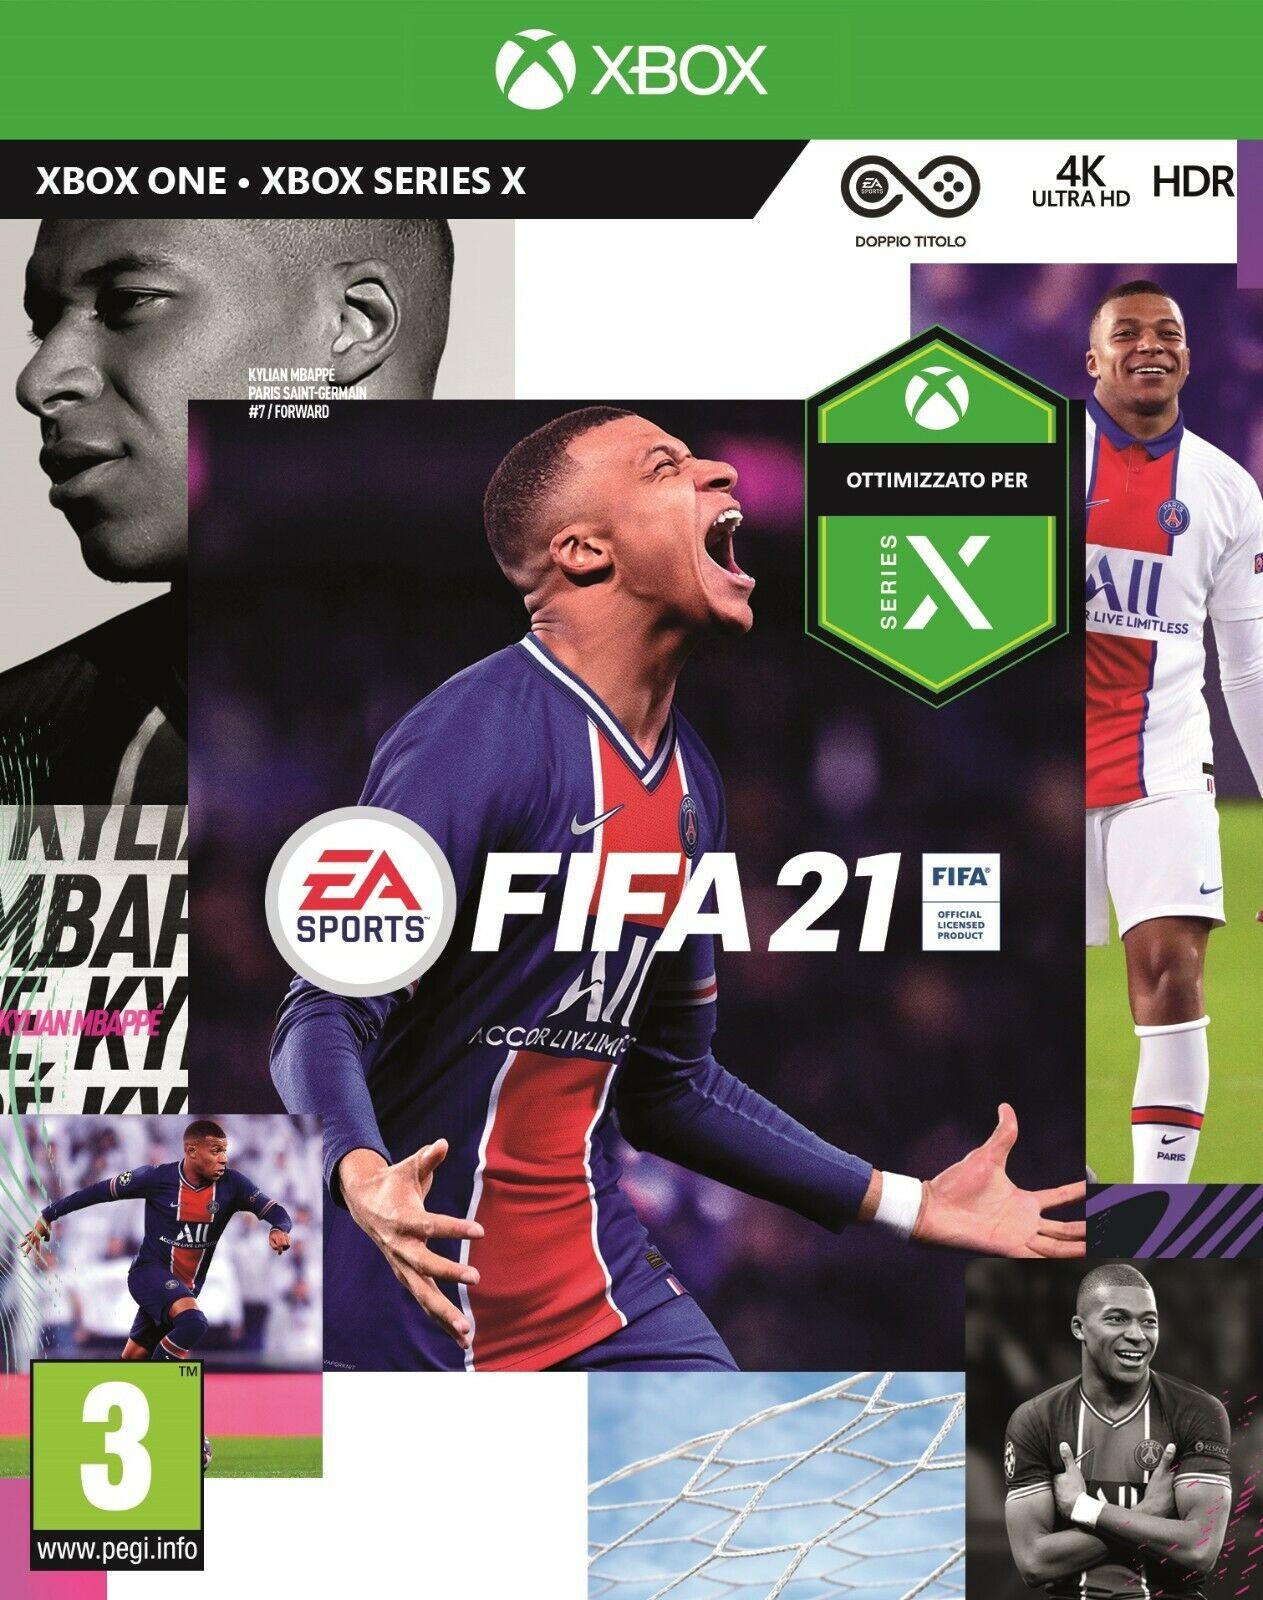 FIFA 21 XBOX ONE - STANDARD EDITION - MULTILINGUA